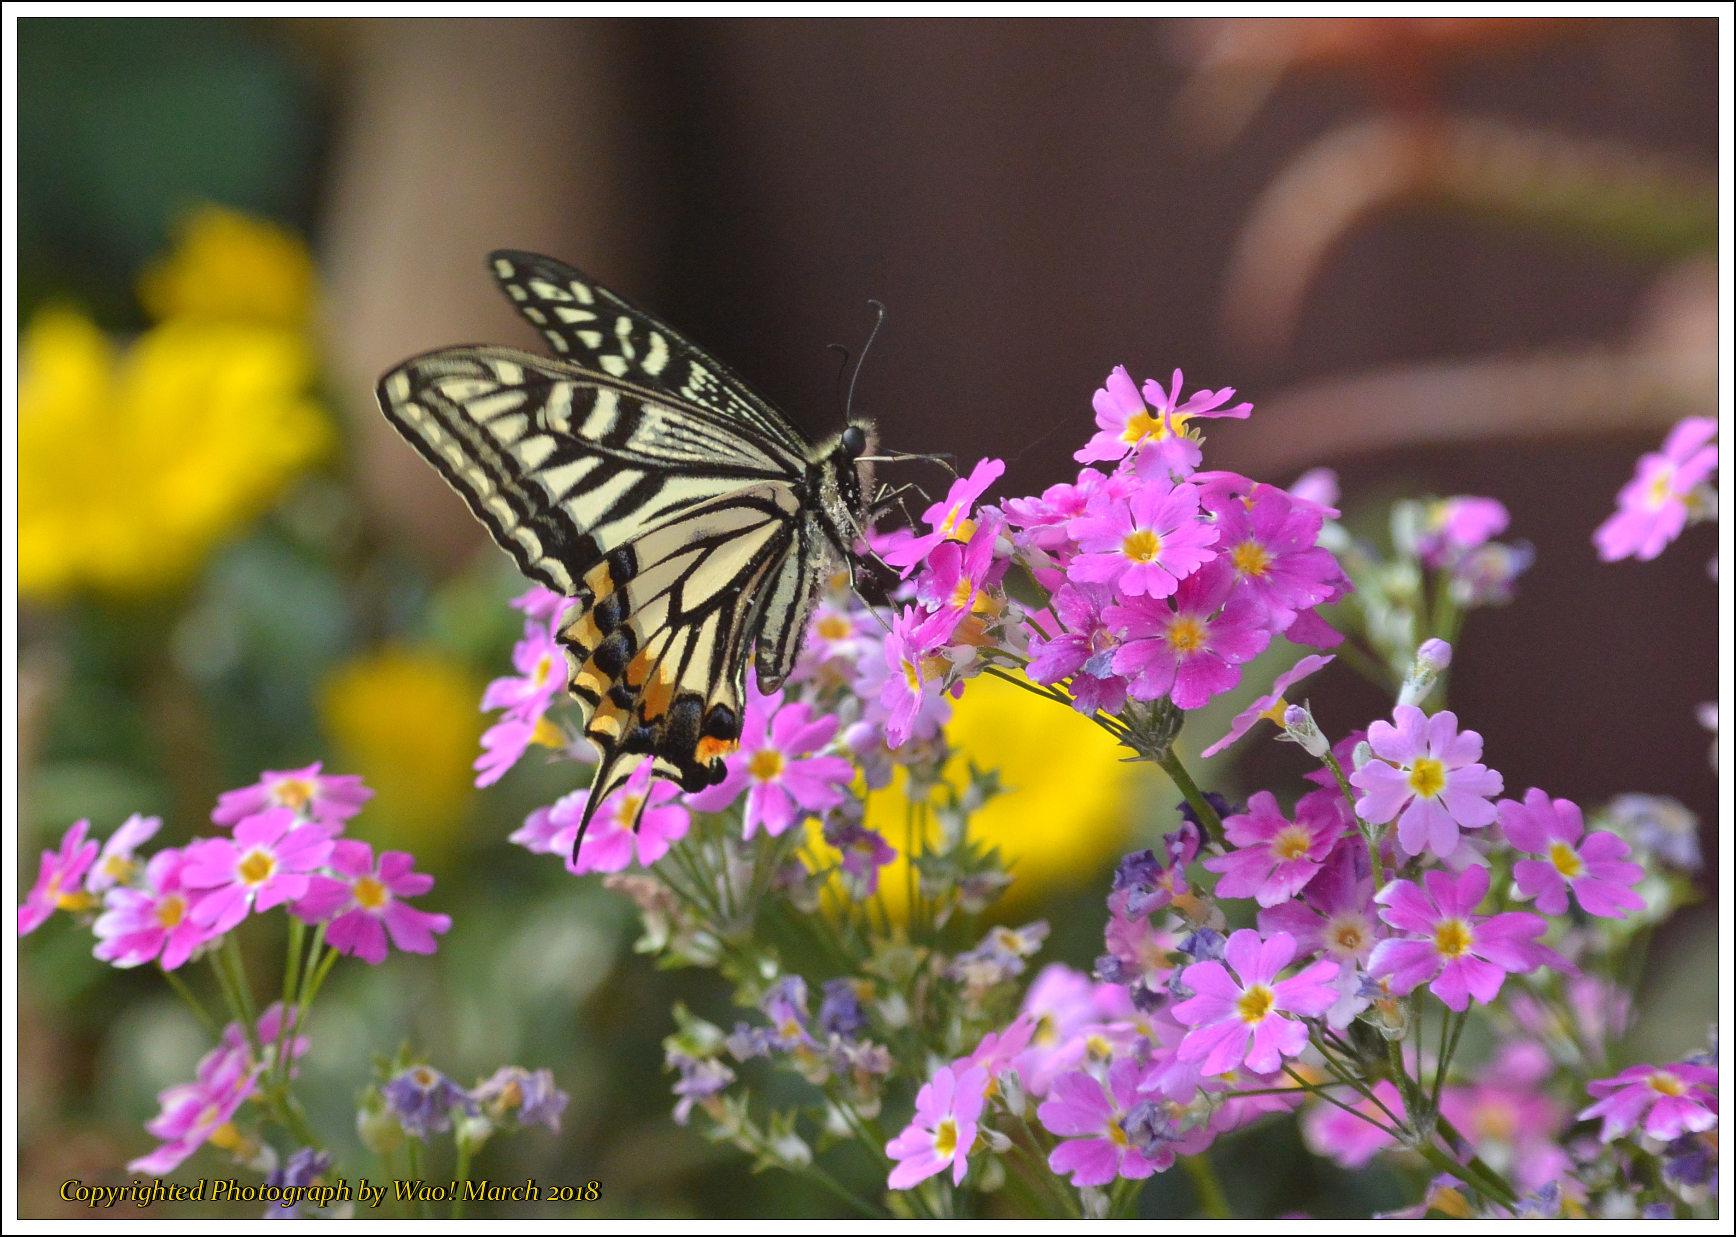 庭に咲く花 -1_c0198669_17421348.jpg